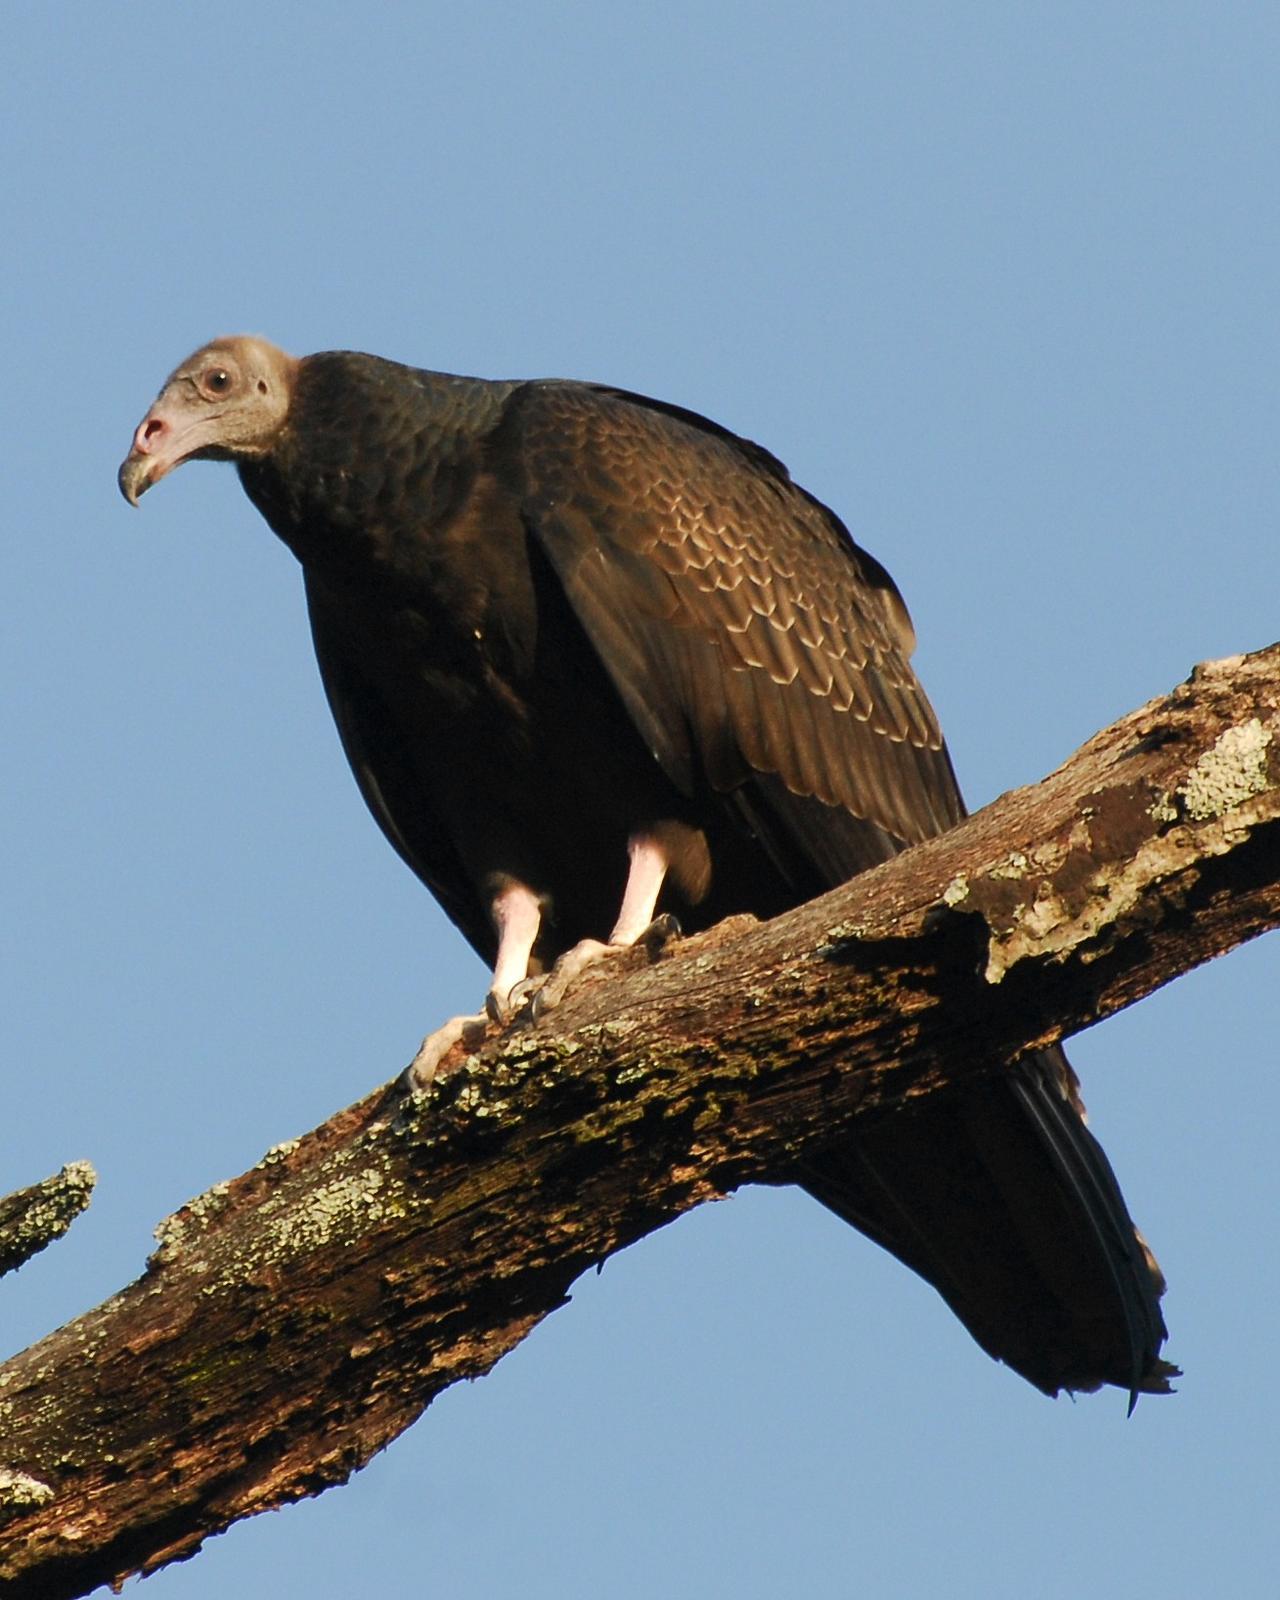 Turkey Vulture Photo by David Hollie